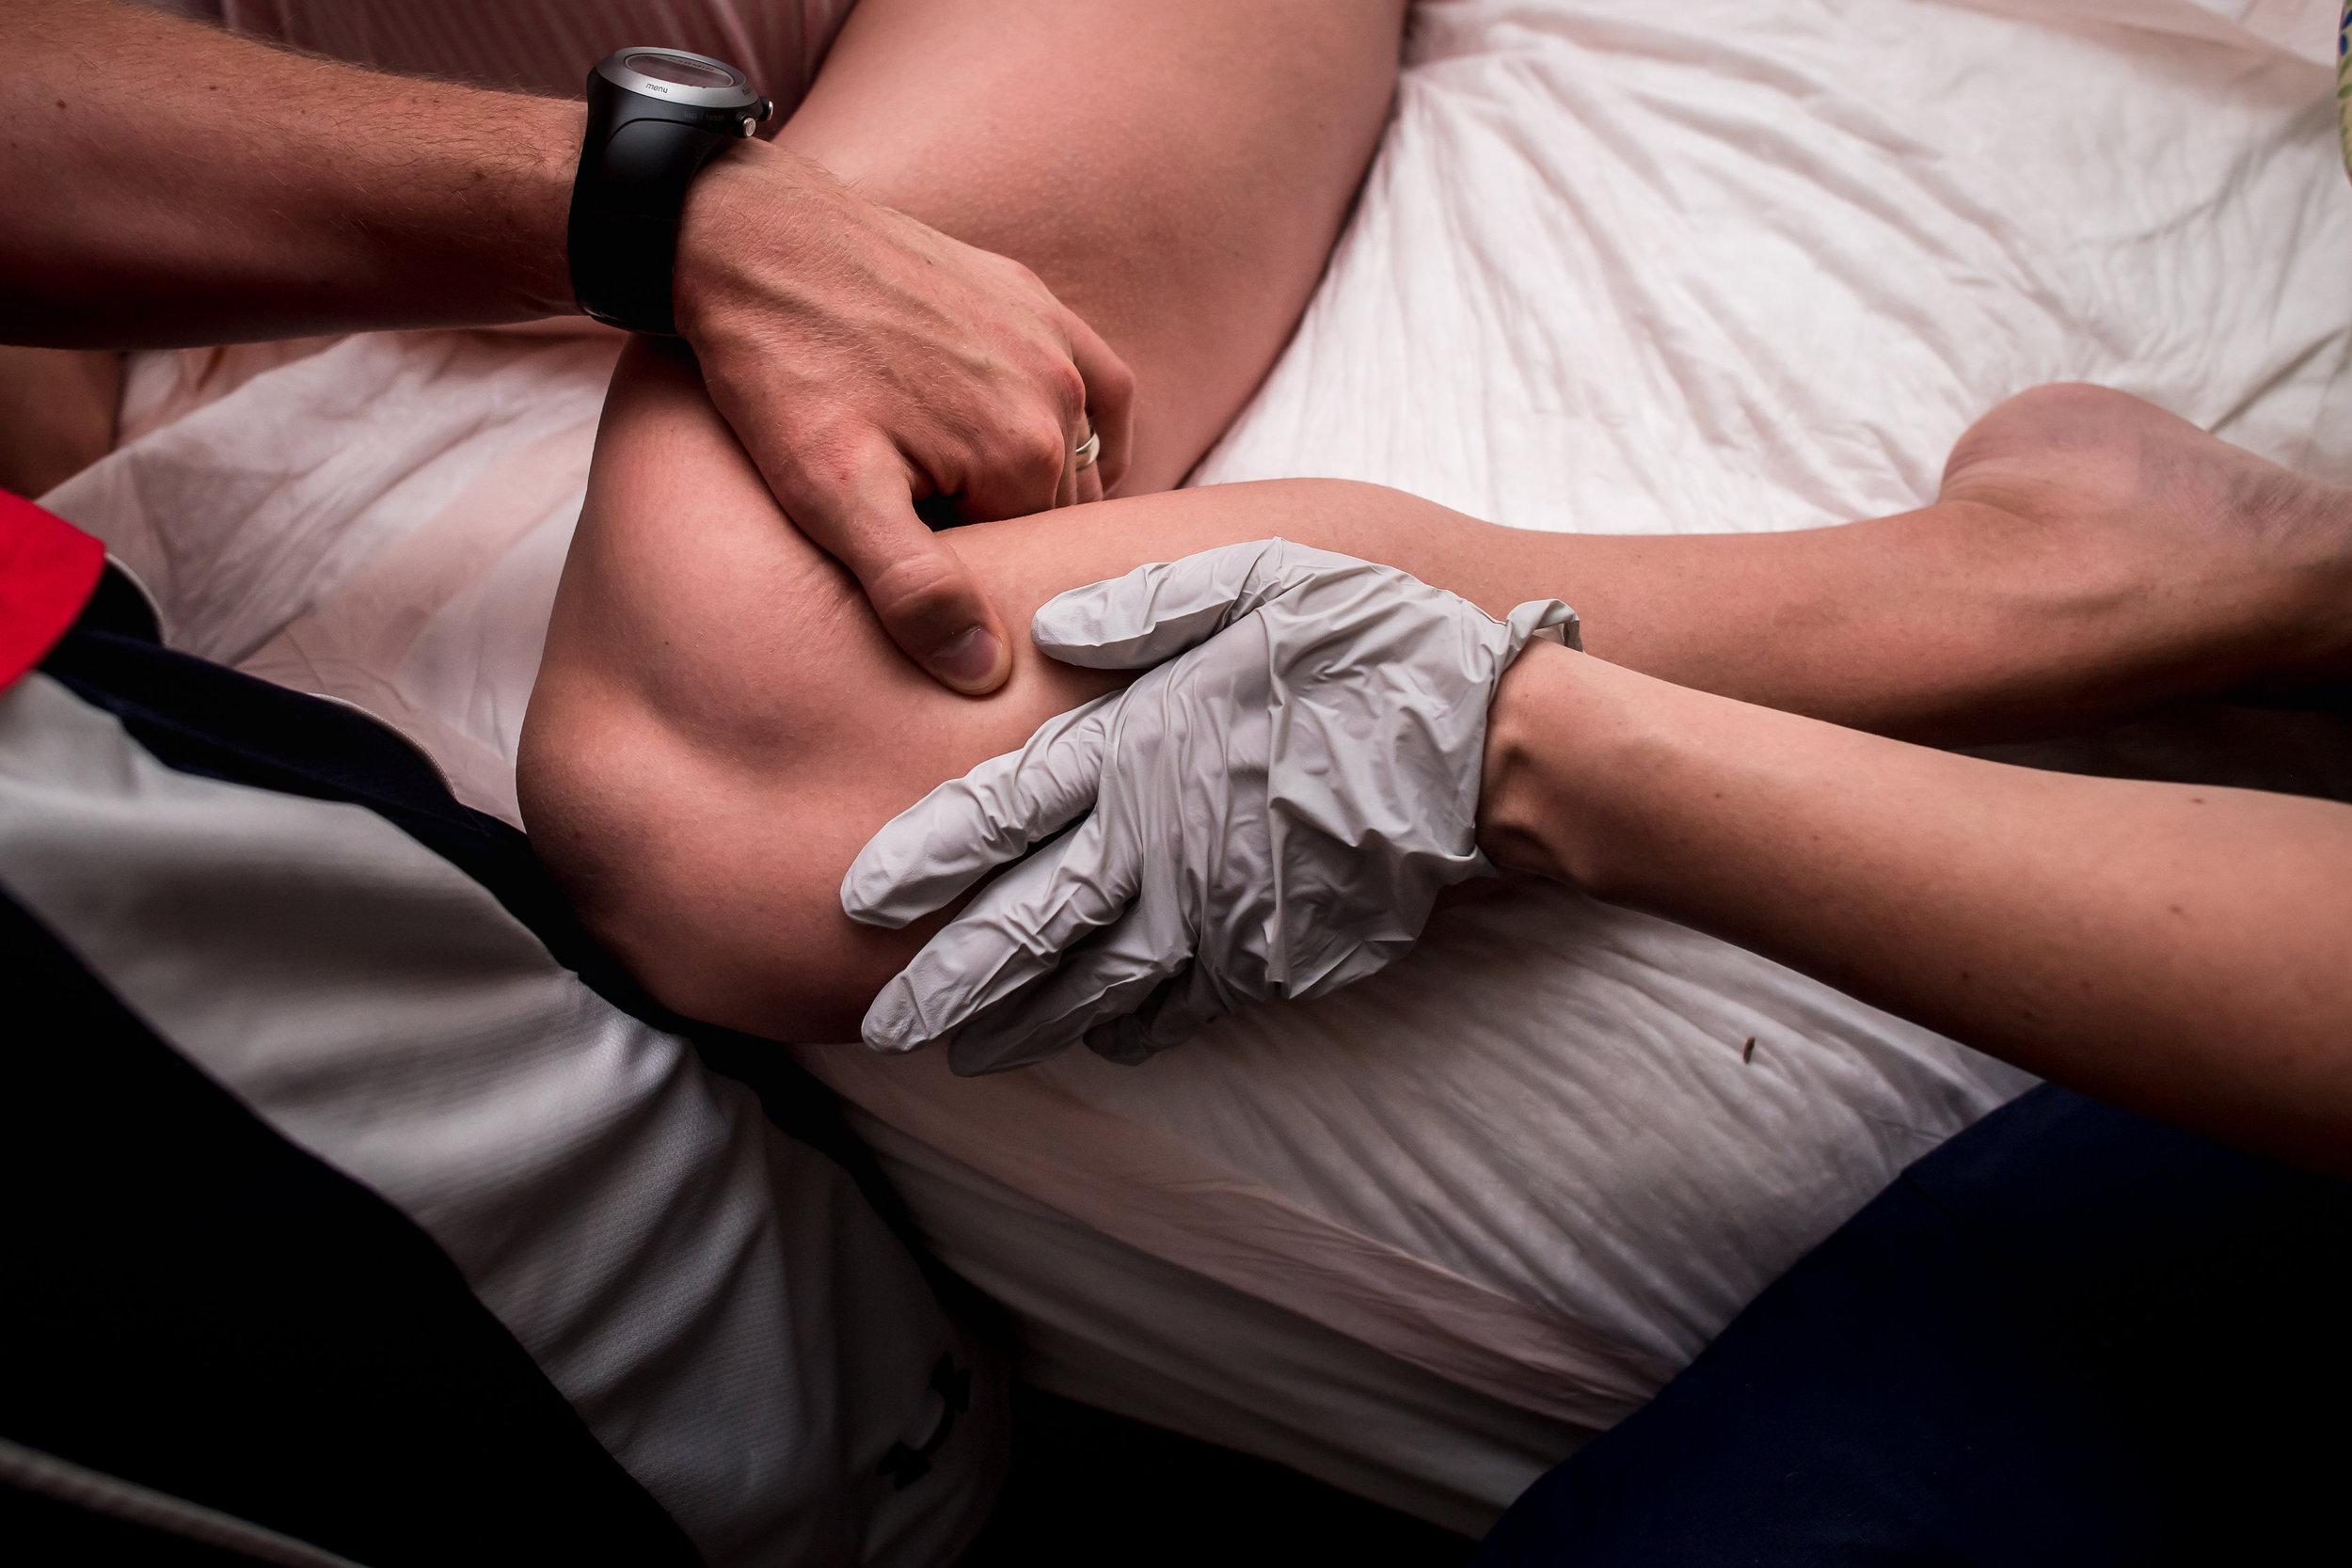 holding-leg-during-pushing